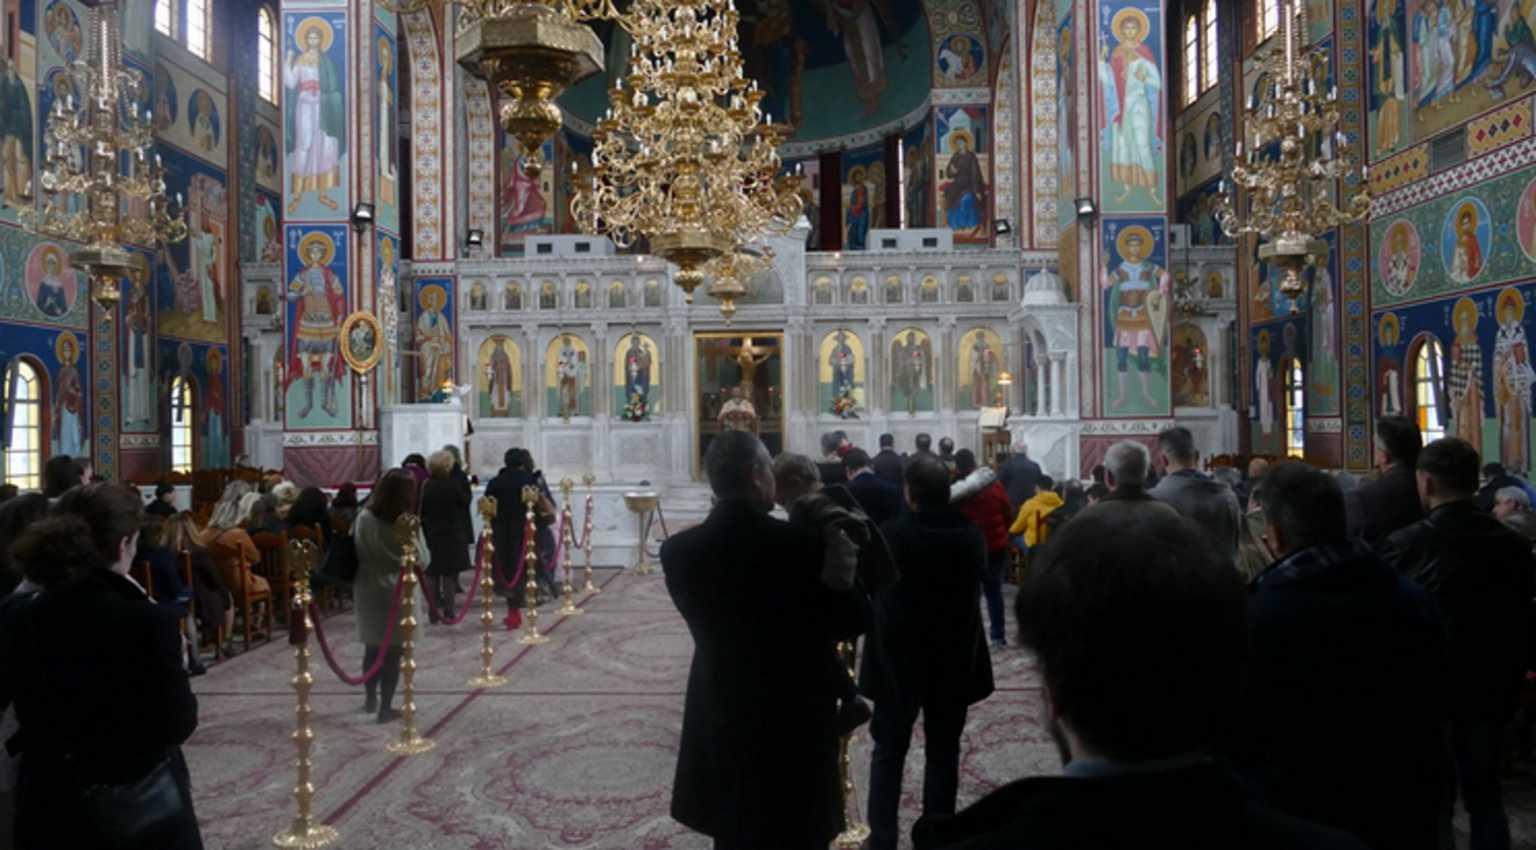 Λάρισα: Ουρές στις εκκλησίες για να κοινωνήσουν!